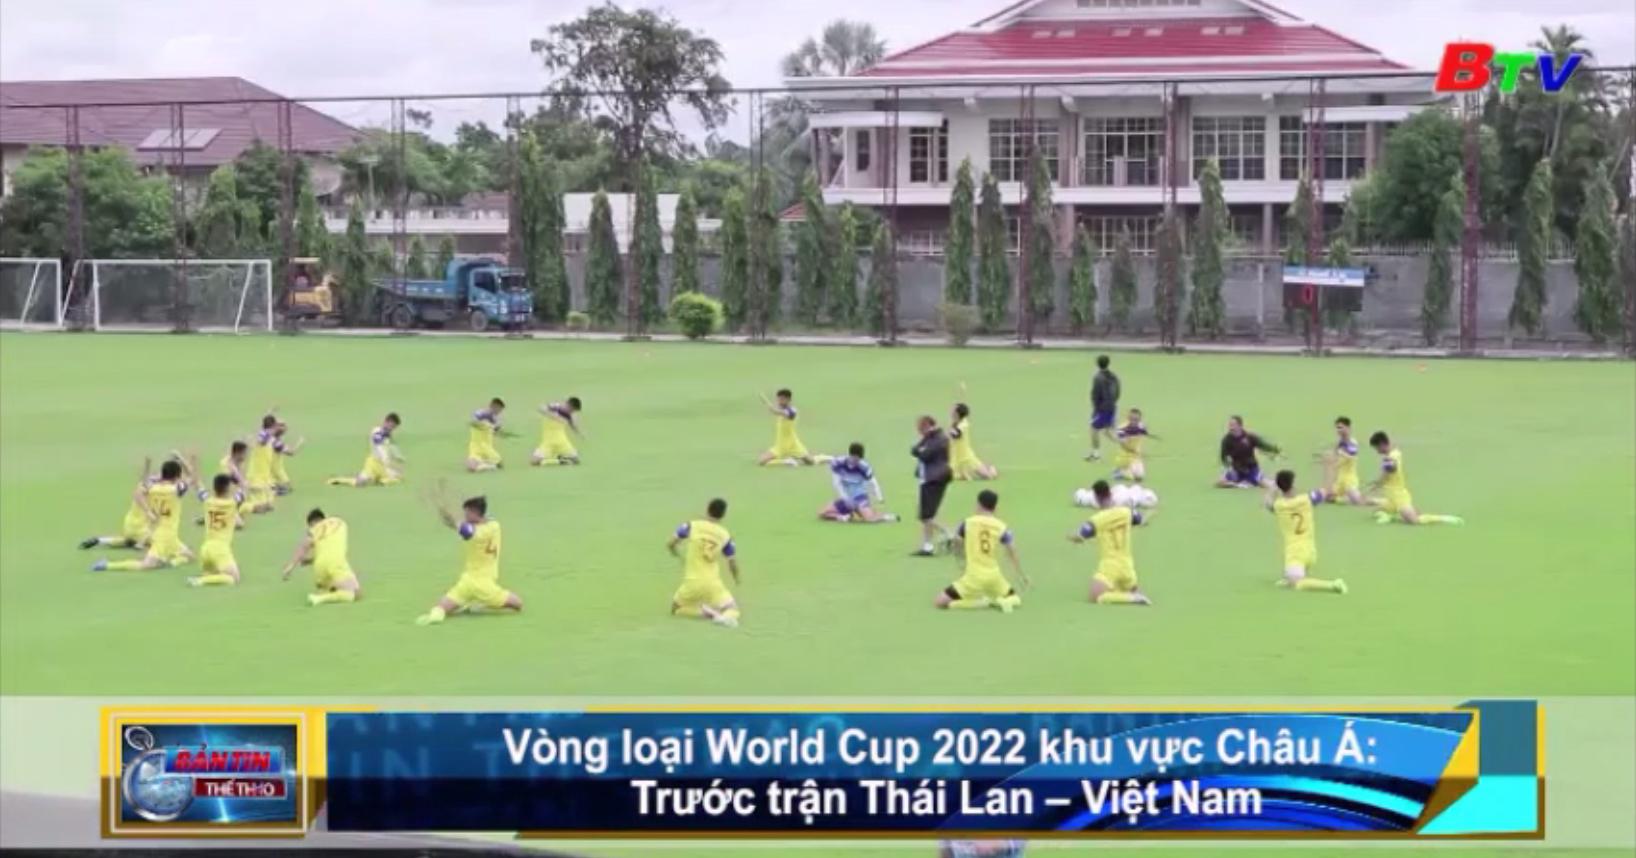 Trước trận Thái Lan - Việt Nam (Vòng loại World Cup 2022 khu vực Châu Á)